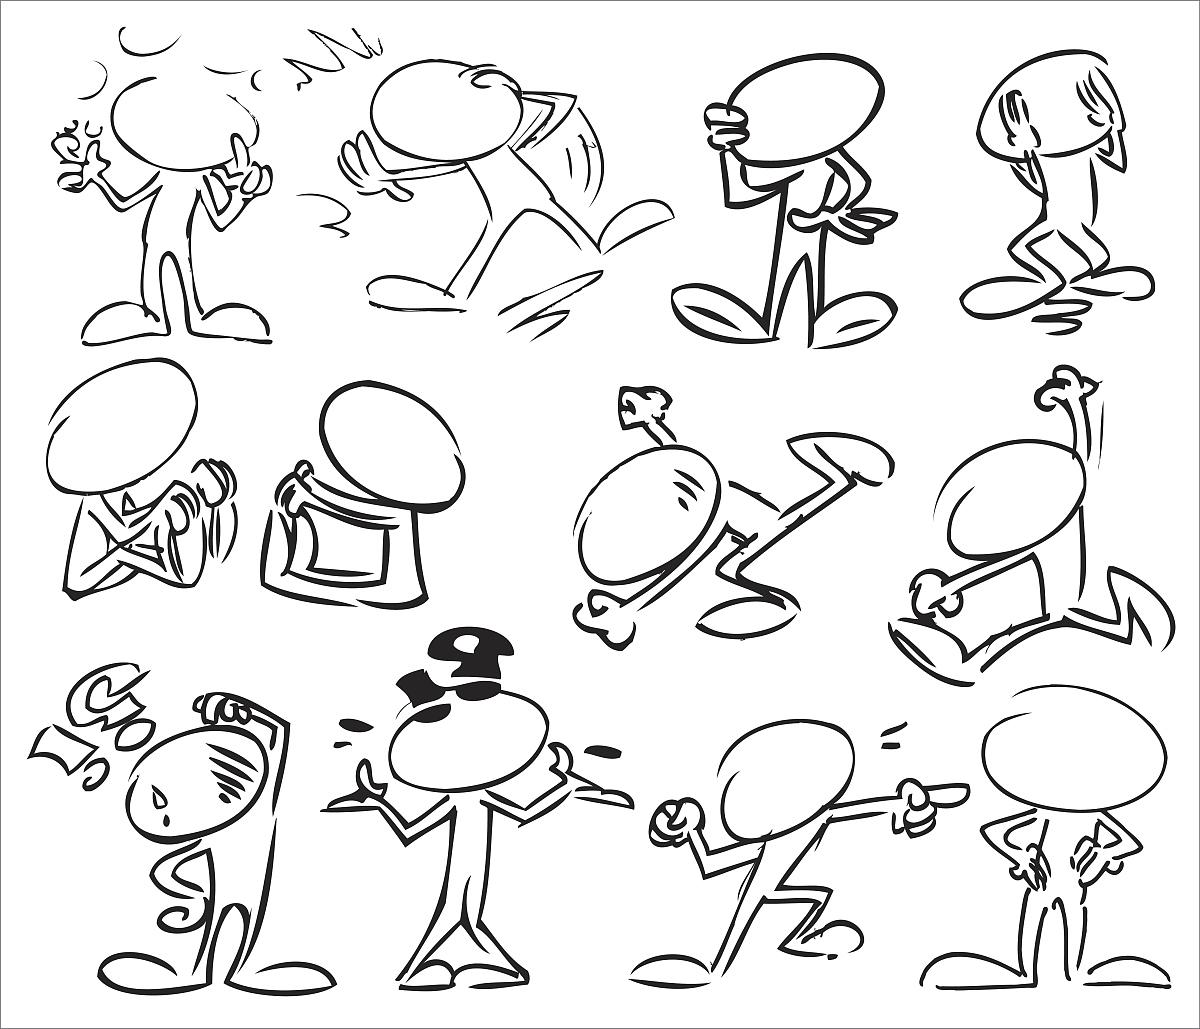 问号,痕迹,动画片,人体,运动模糊,坏消息,正字符号,概念,设计,黑白图片